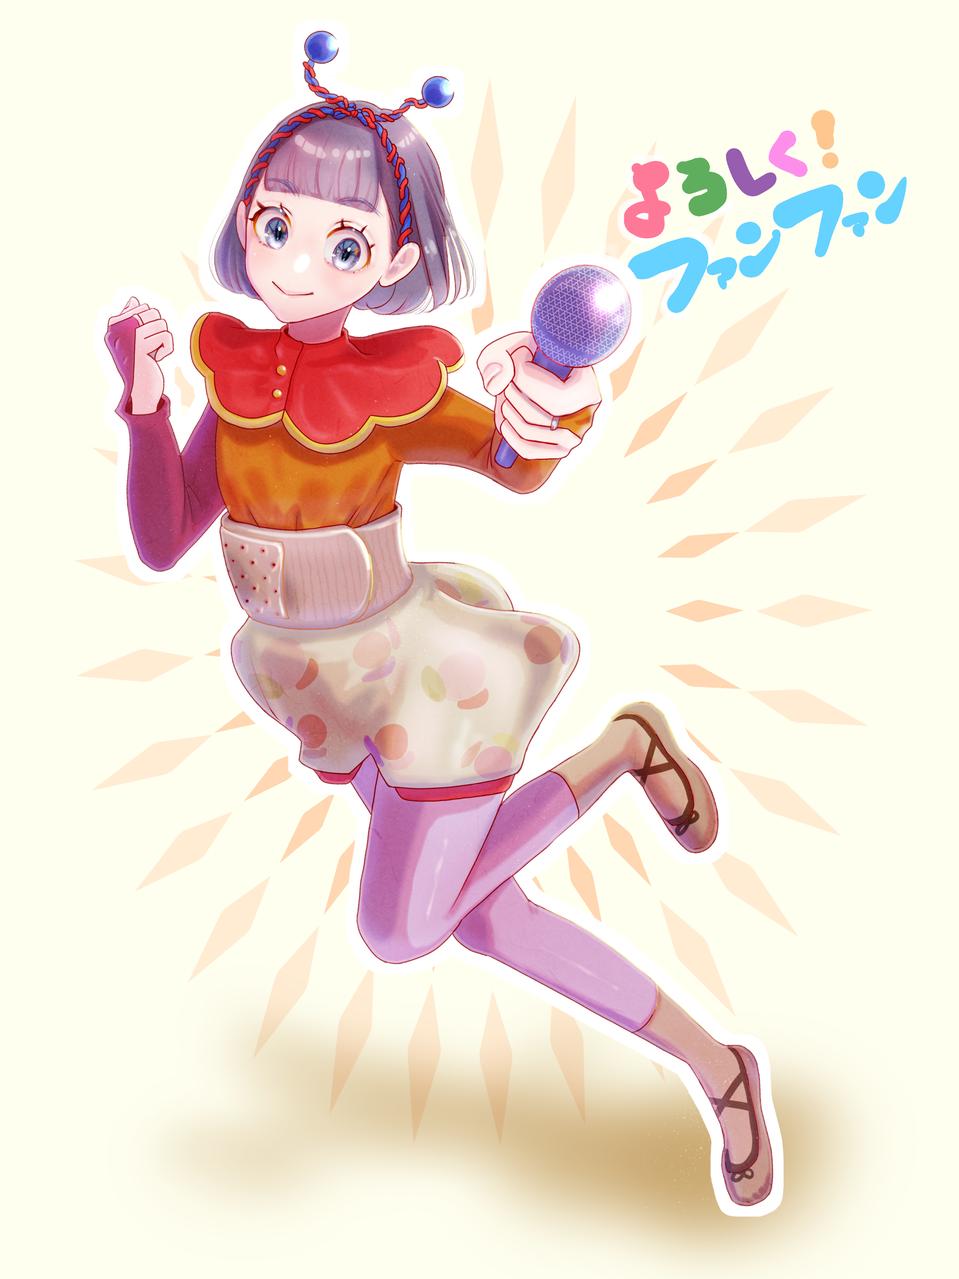 ココロ Illust of FJ kawaii girl fanart